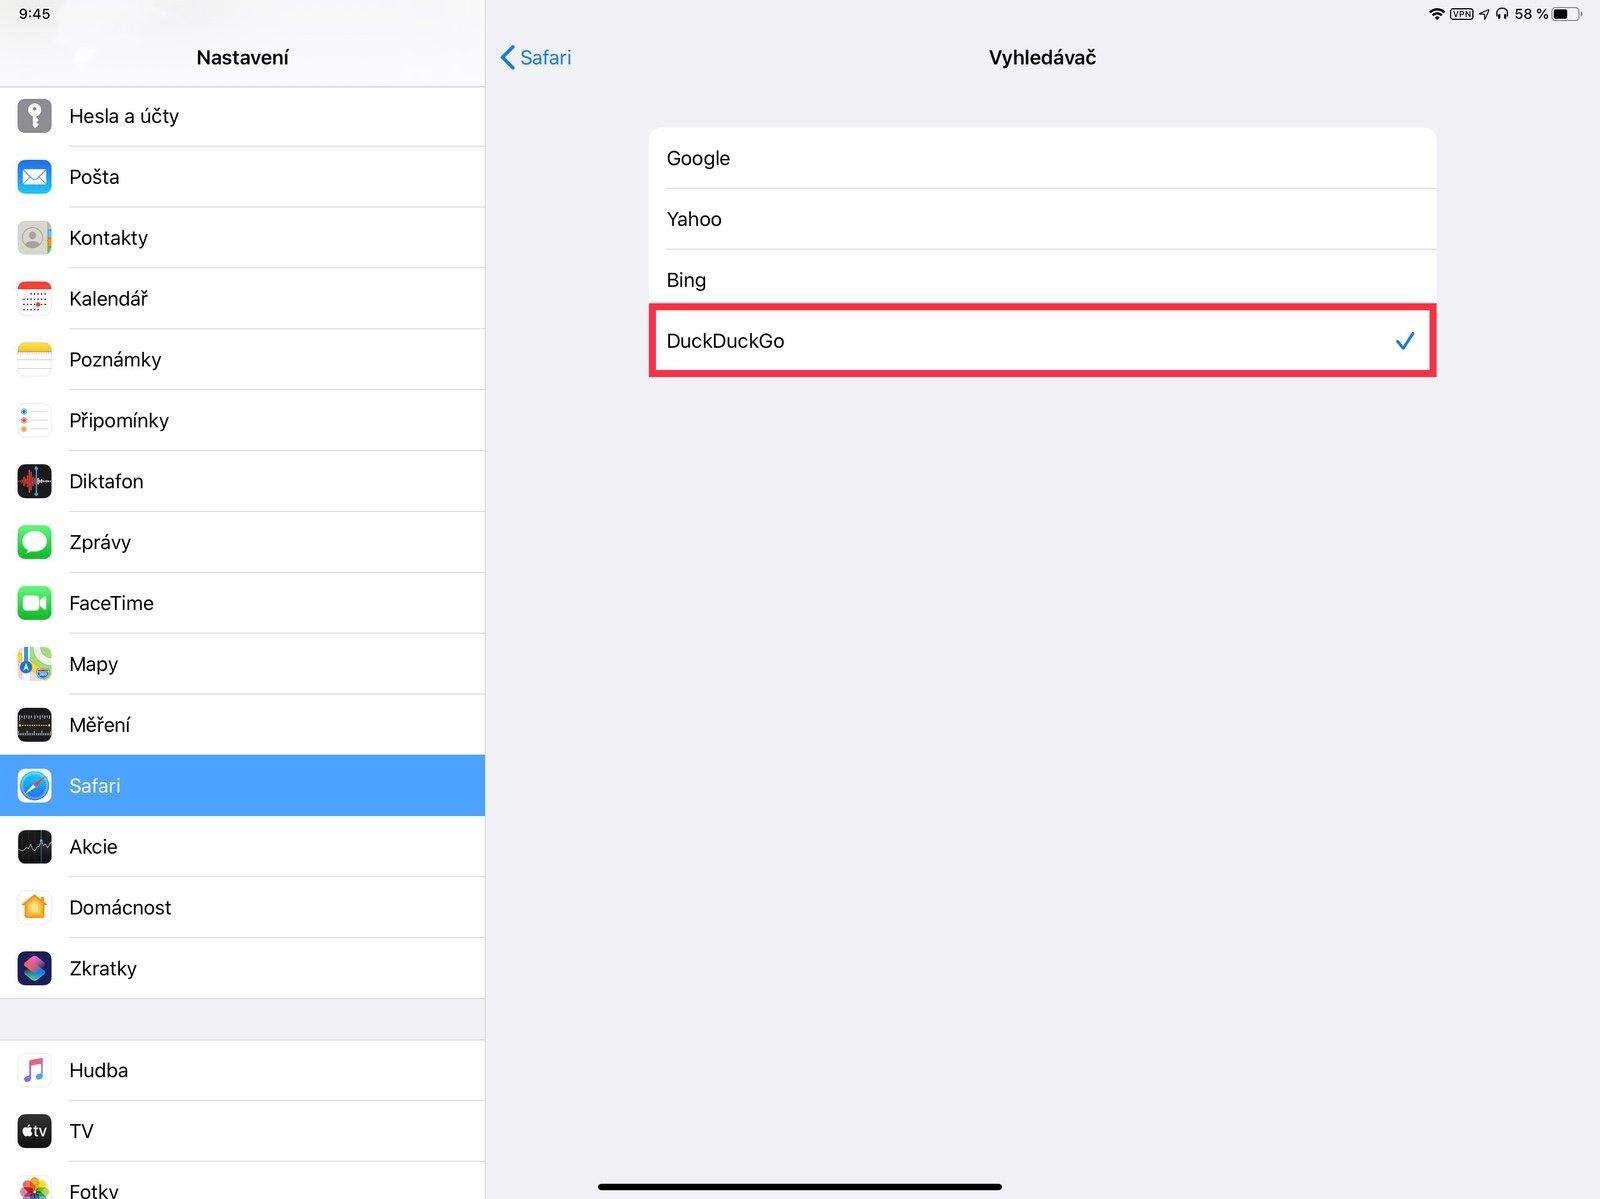 Výběr výchozího vyhledávače na iPadu